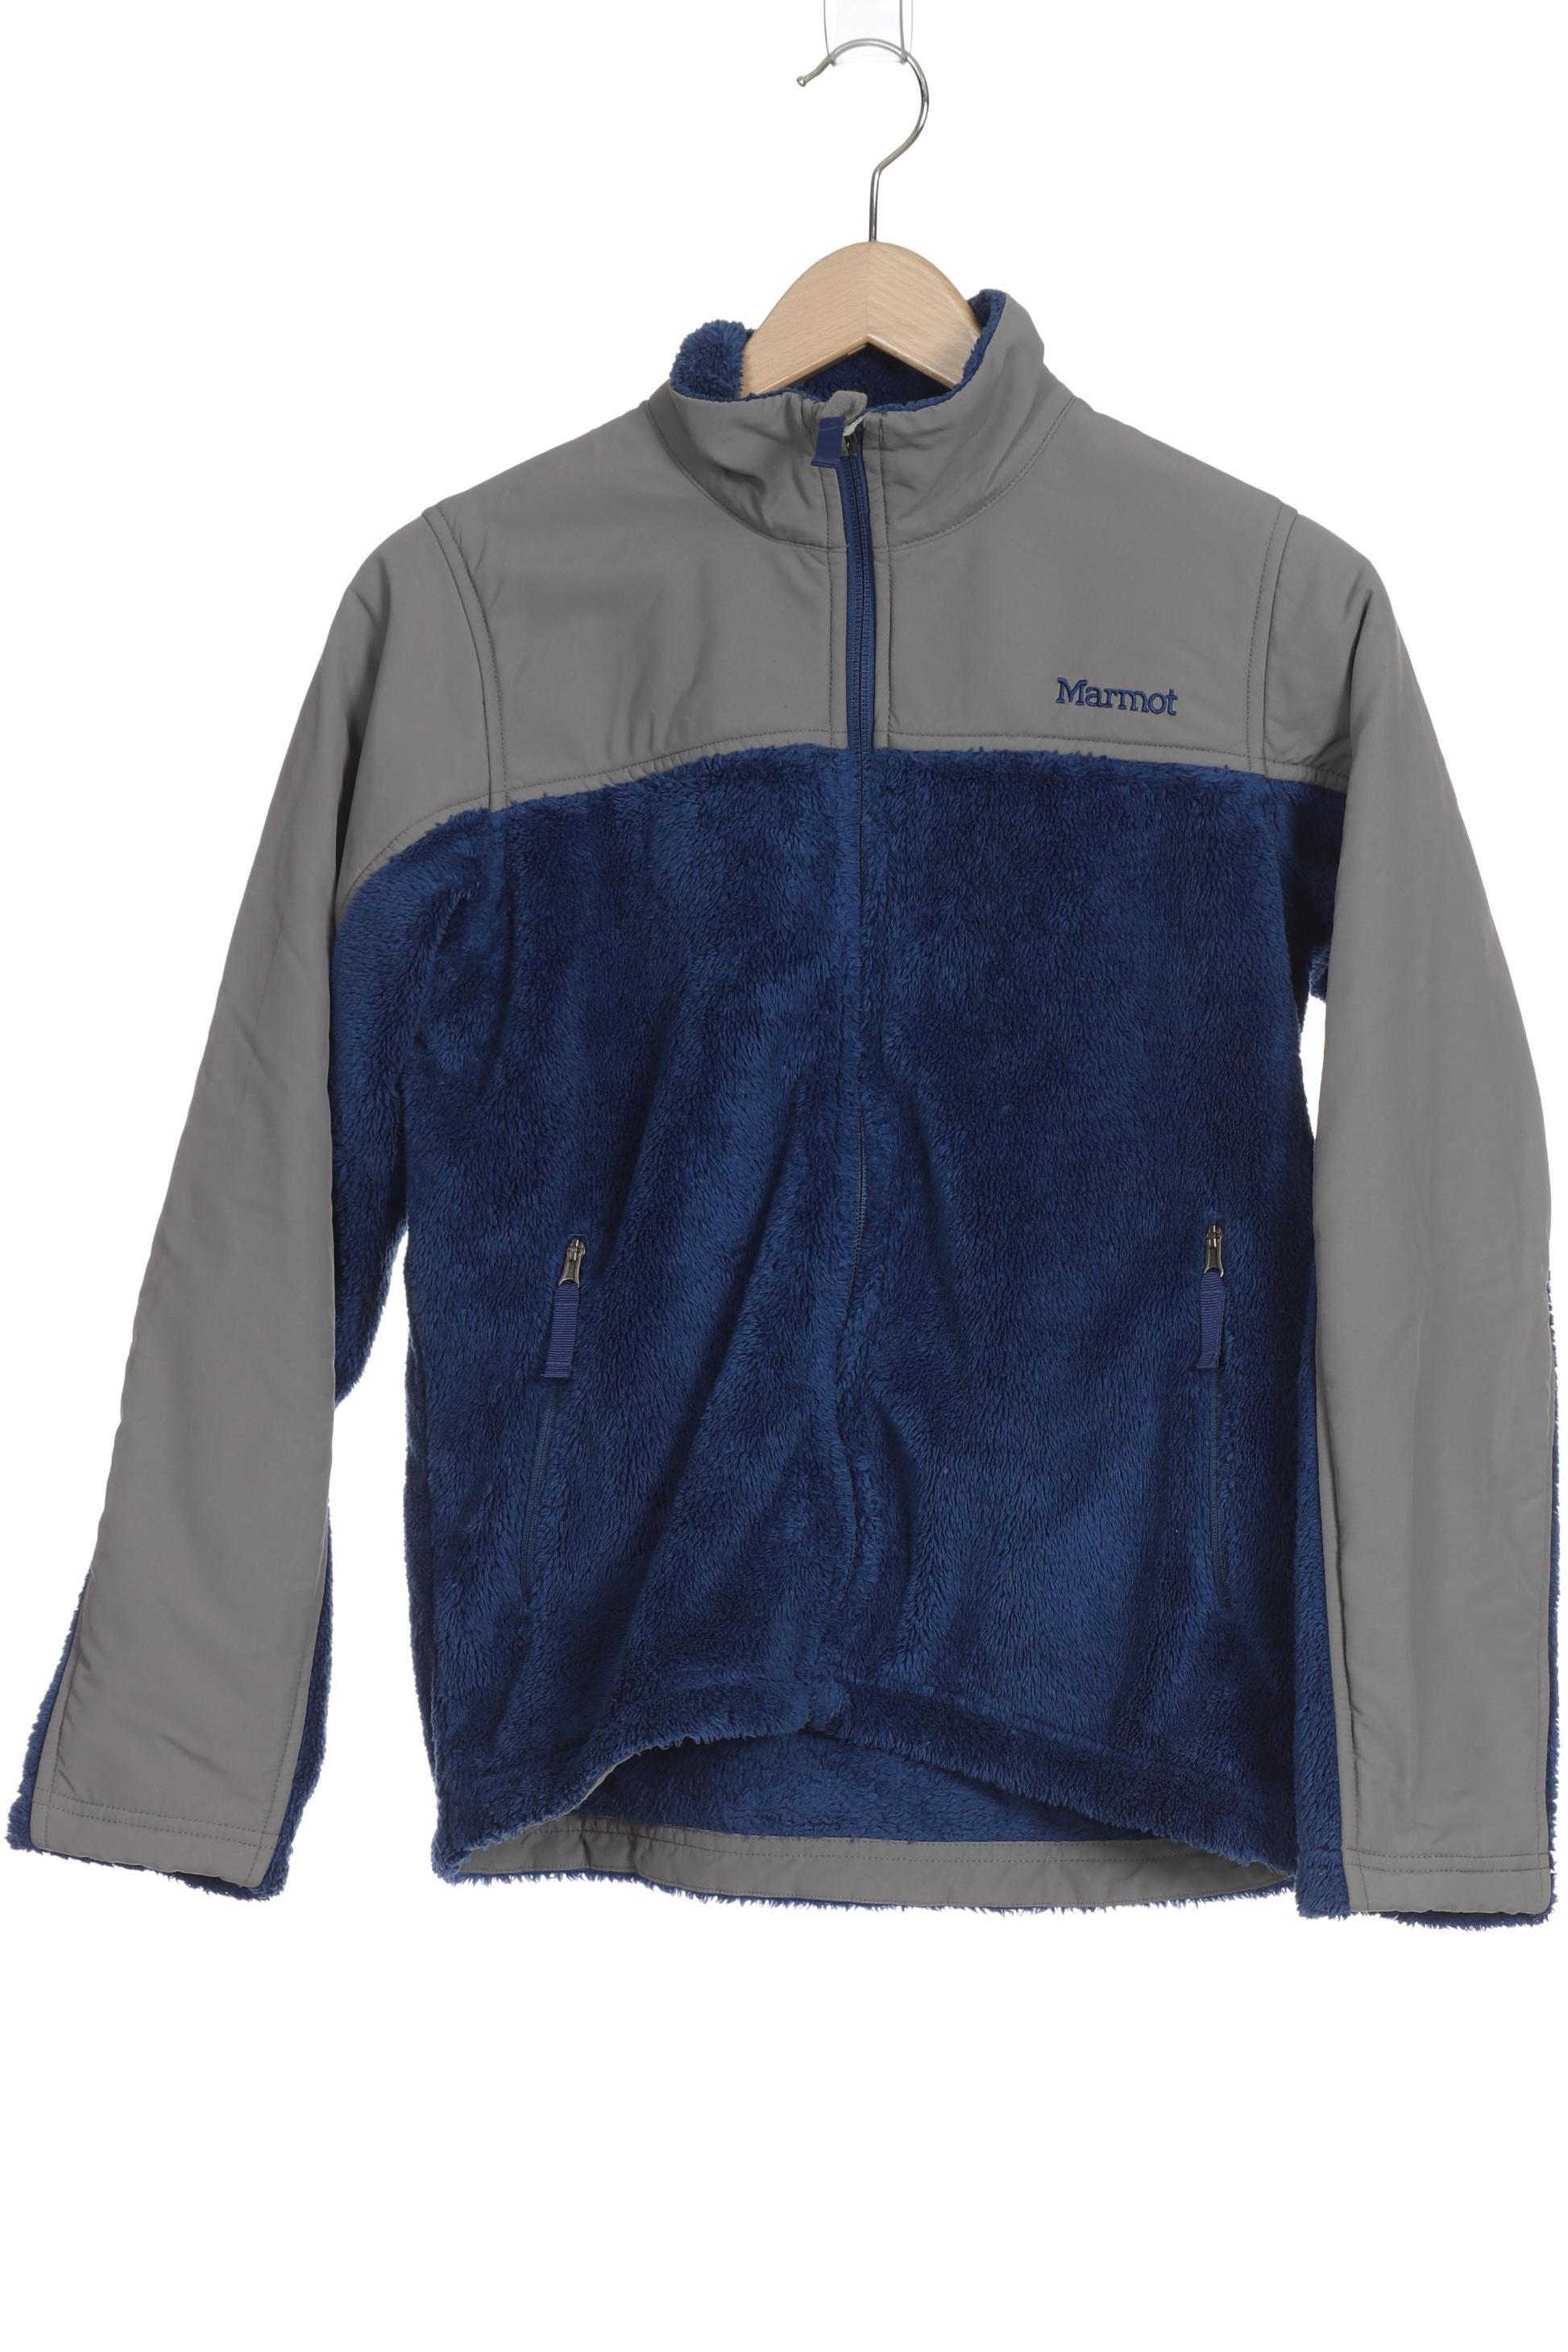 Marmot Jacke, Herrenmode. Kleidung gebraucht kaufen | eBay